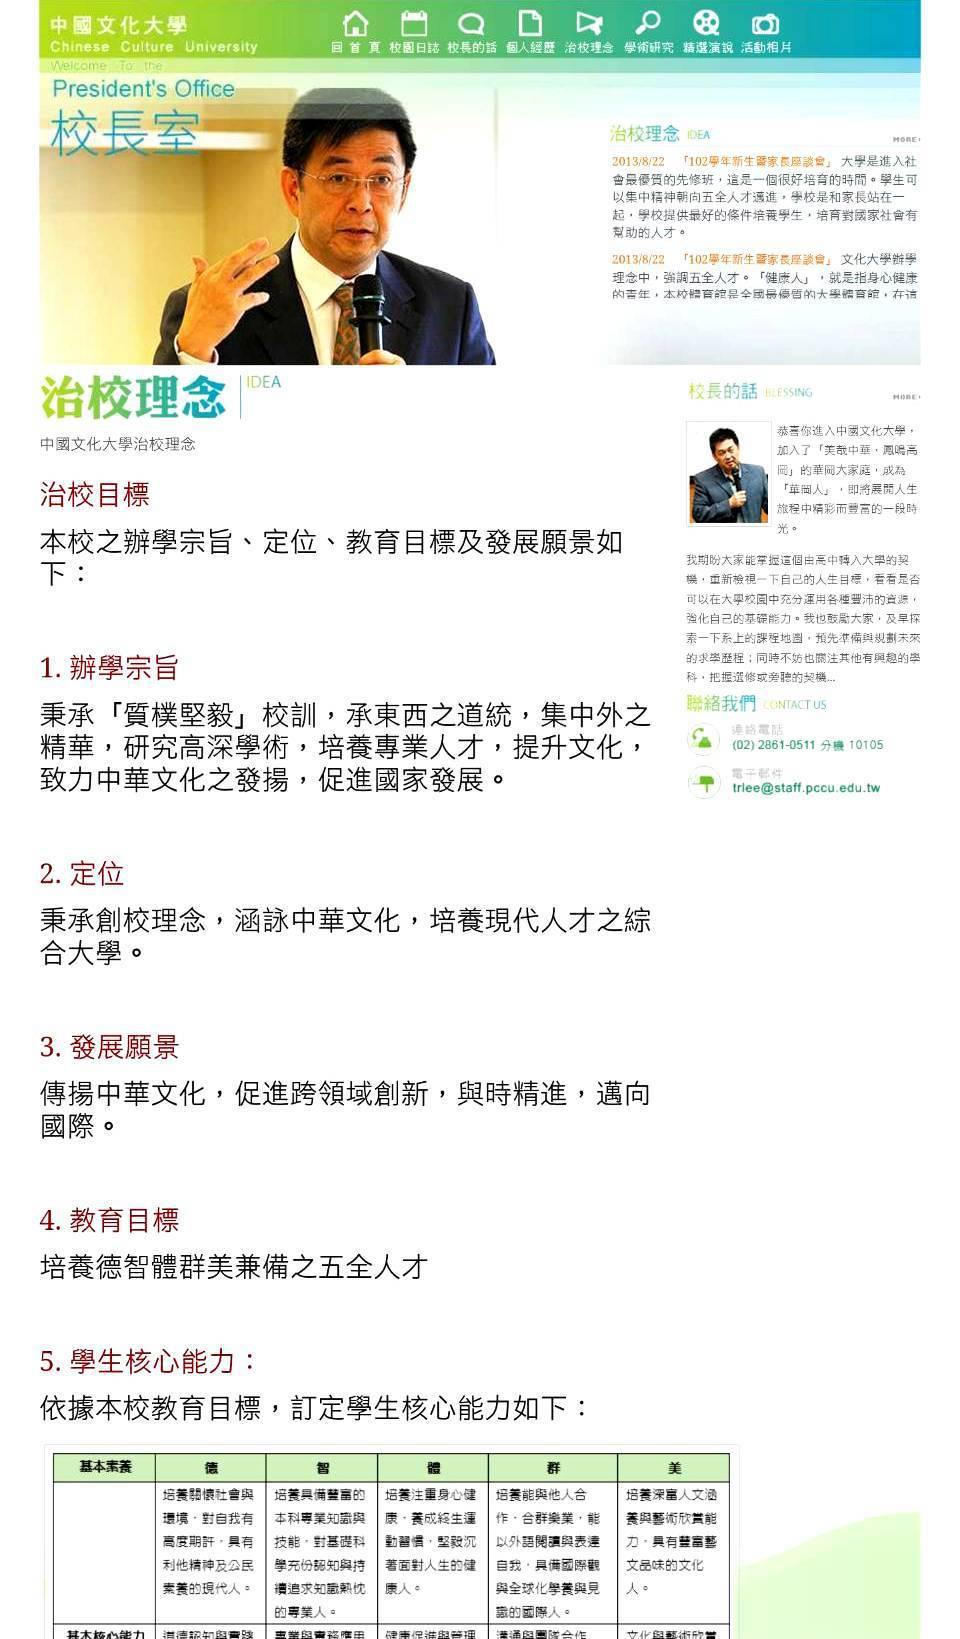 文化大學首頁校長室,昨天仍是李天任的資料。 記者張錦弘/翻攝自昨天文大首頁